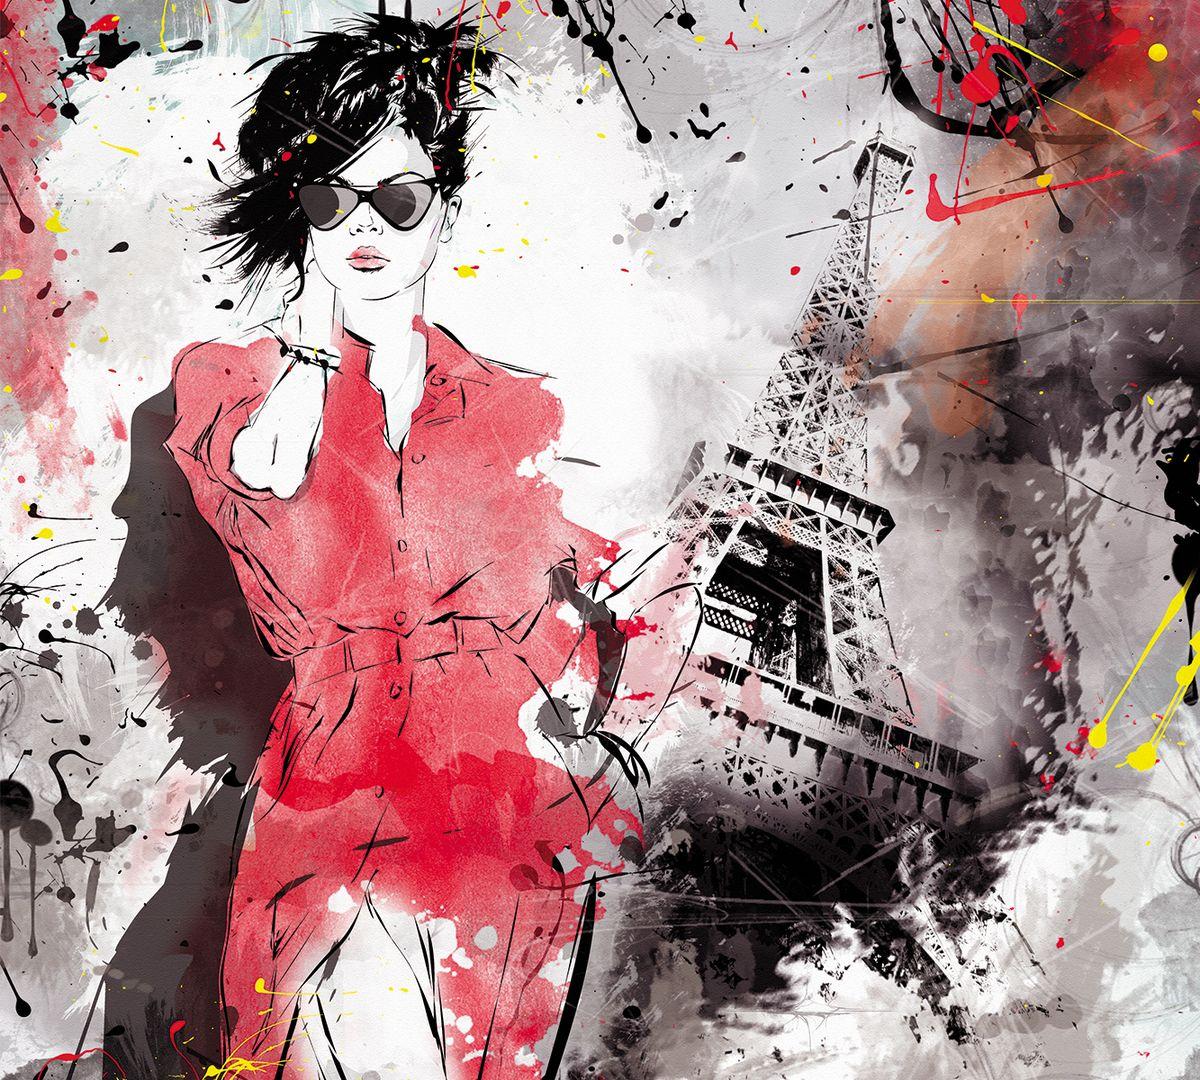 Фотообои флизелиновые Milan Прогулка в Париже, текстурные, 2 х 2,7 мM 273Текстурные флизелиновые фотообои Milan Прогулка в Париже позволят создать неповторимый облик помещения, в котором они размещены. Milan — дизайнерская коллекция фотообоев и фотопанно европейского качества, созданная на основе последних тенденций в мире интерьерной моды. Еще вчера эти тренды демонстрировались на подиумах столицы моды, а сегодня они нашли реализацию в декоре стен. Фотообои Milan реализуют концепцию доступности Моды для жителей больших и маленьких городов. Фотообои Milan — мода для стен, доступная каждому! Монтаж: Клеи Quelid Murale, Хенкель Metylan Овалид Т и Pufas Security GK10 . Принцип монтажа: стык в стык.